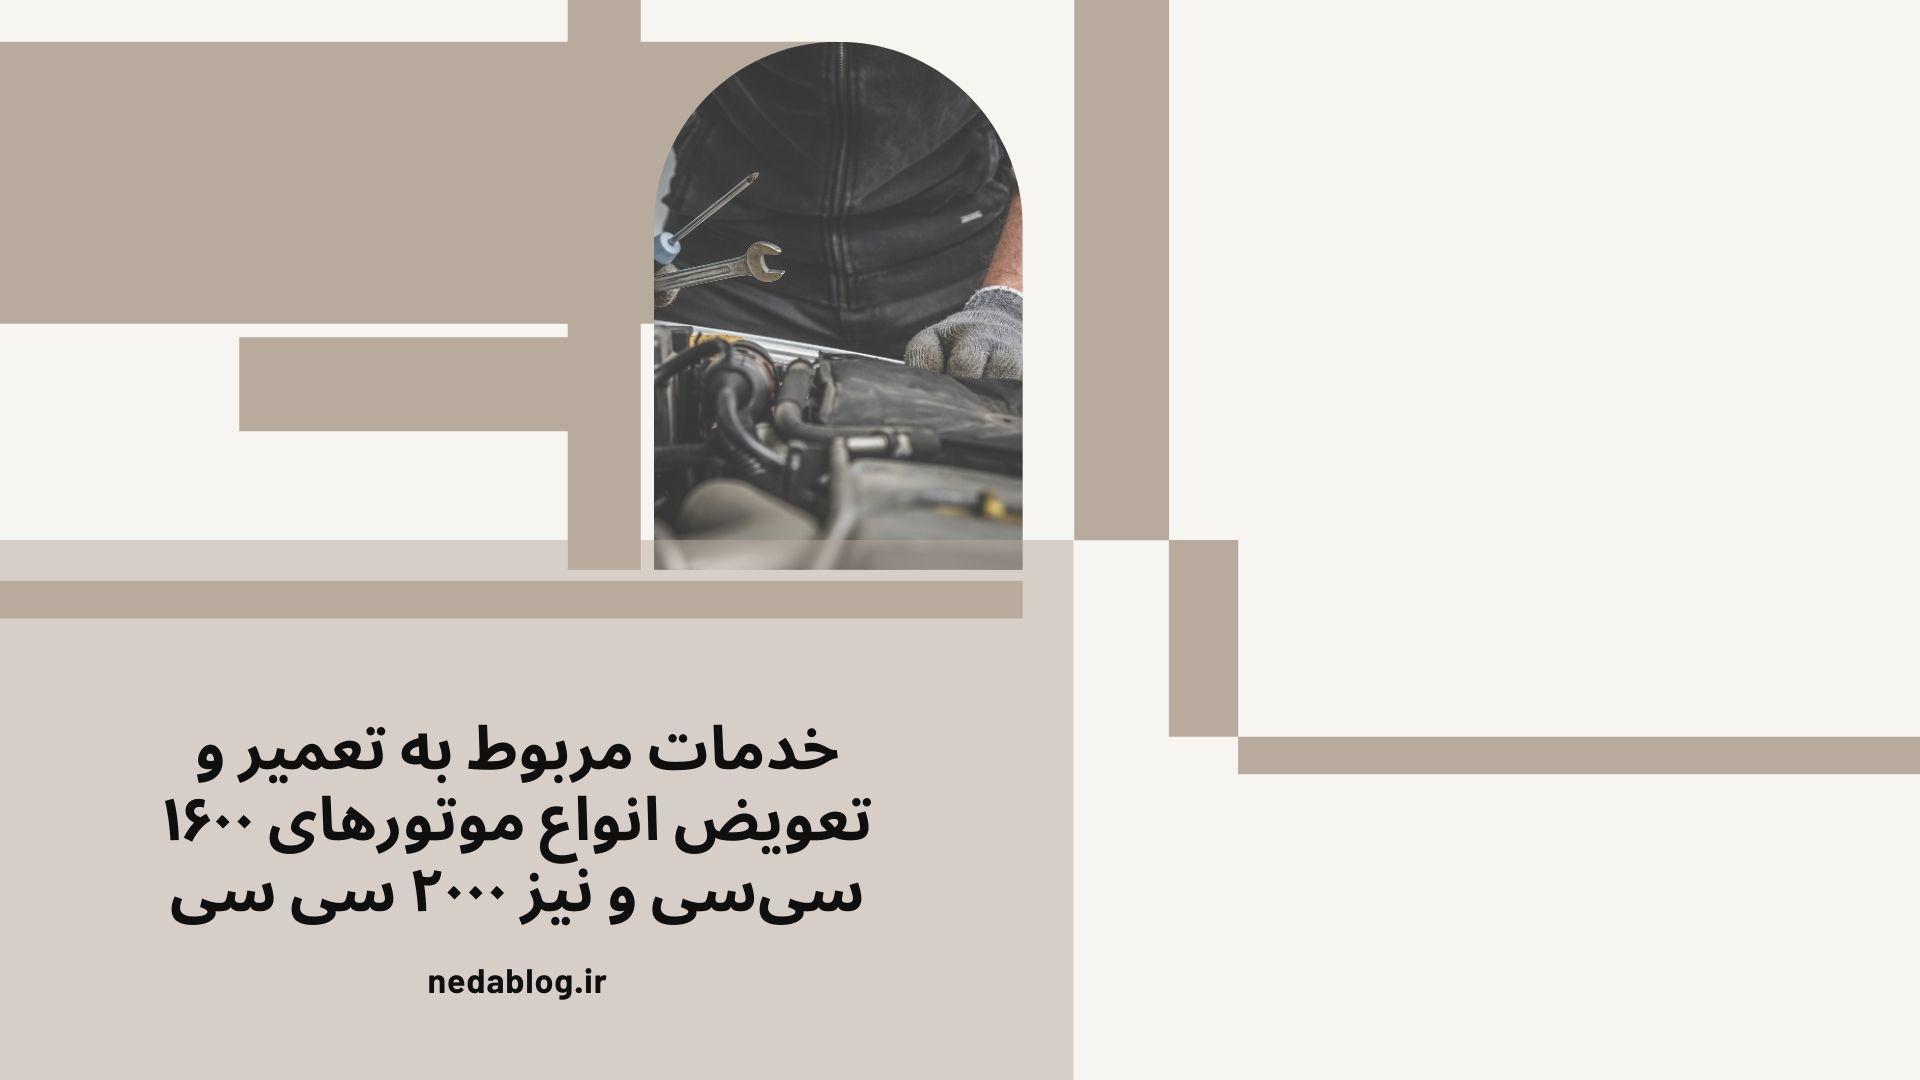 خدمات مربوط به تعمیر و تعویض انواع موتورهای ۱۶۰۰ سیسی و نیز ۲۰۰۰ سی سی